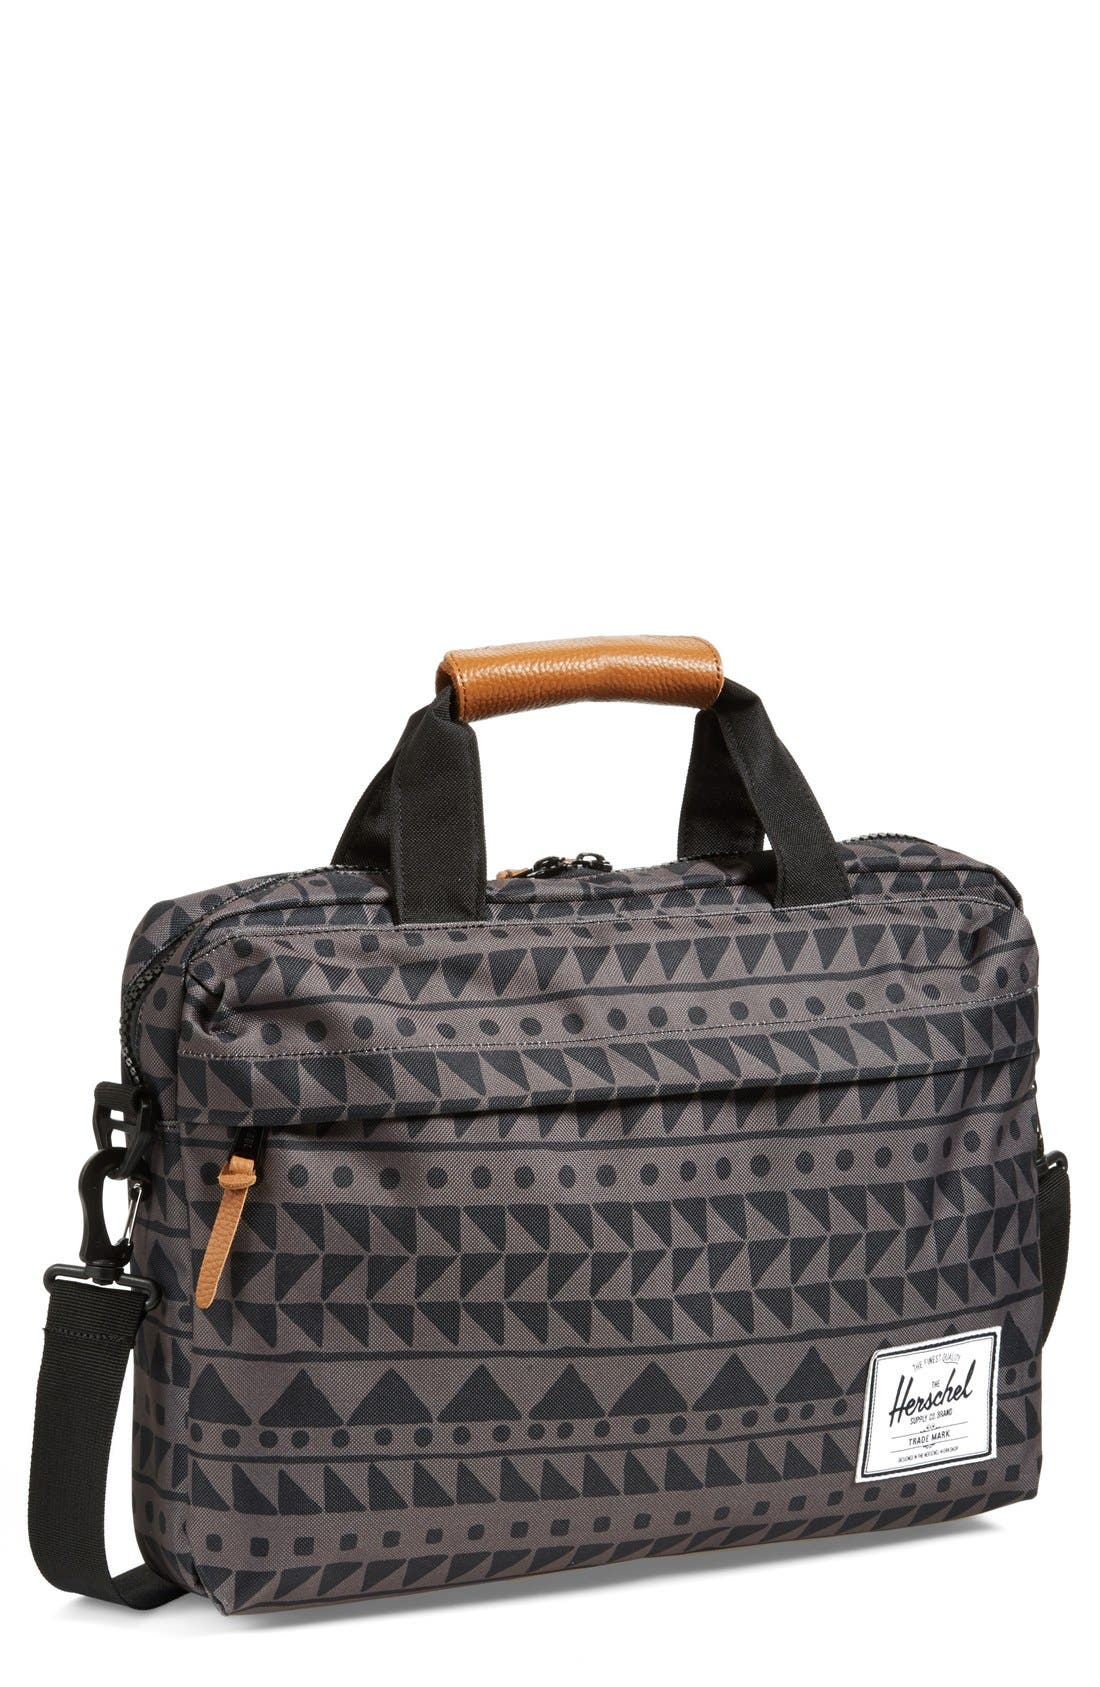 Alternate Image 1 Selected - Herschel Supply Co. 'Clark' Large Volume Messenger Bag